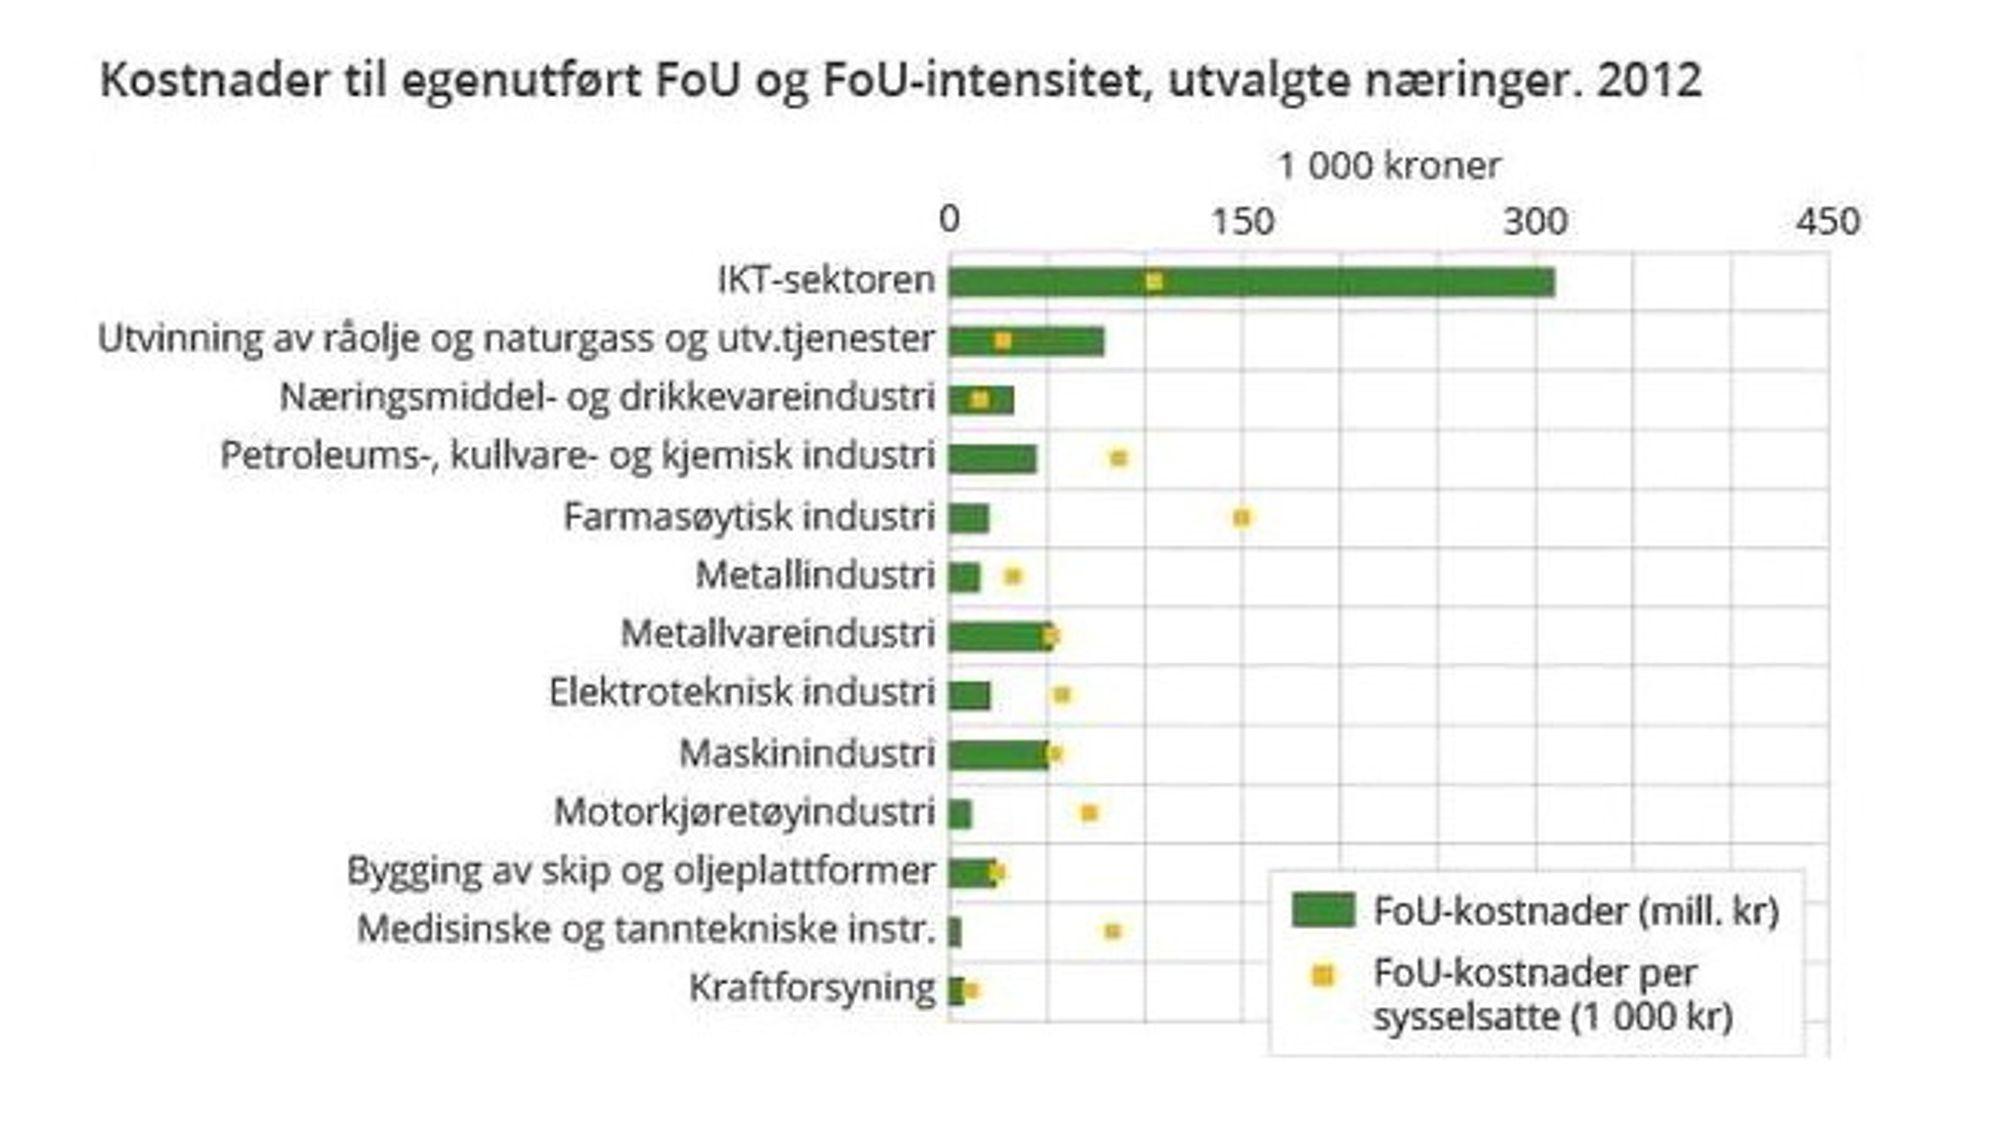 Denne oversikten over ulike sektorers FoU-investeringer i 2012 viser at it-sektoren legger mer penger i denne potten enn det øvrige næringslivet gjør.